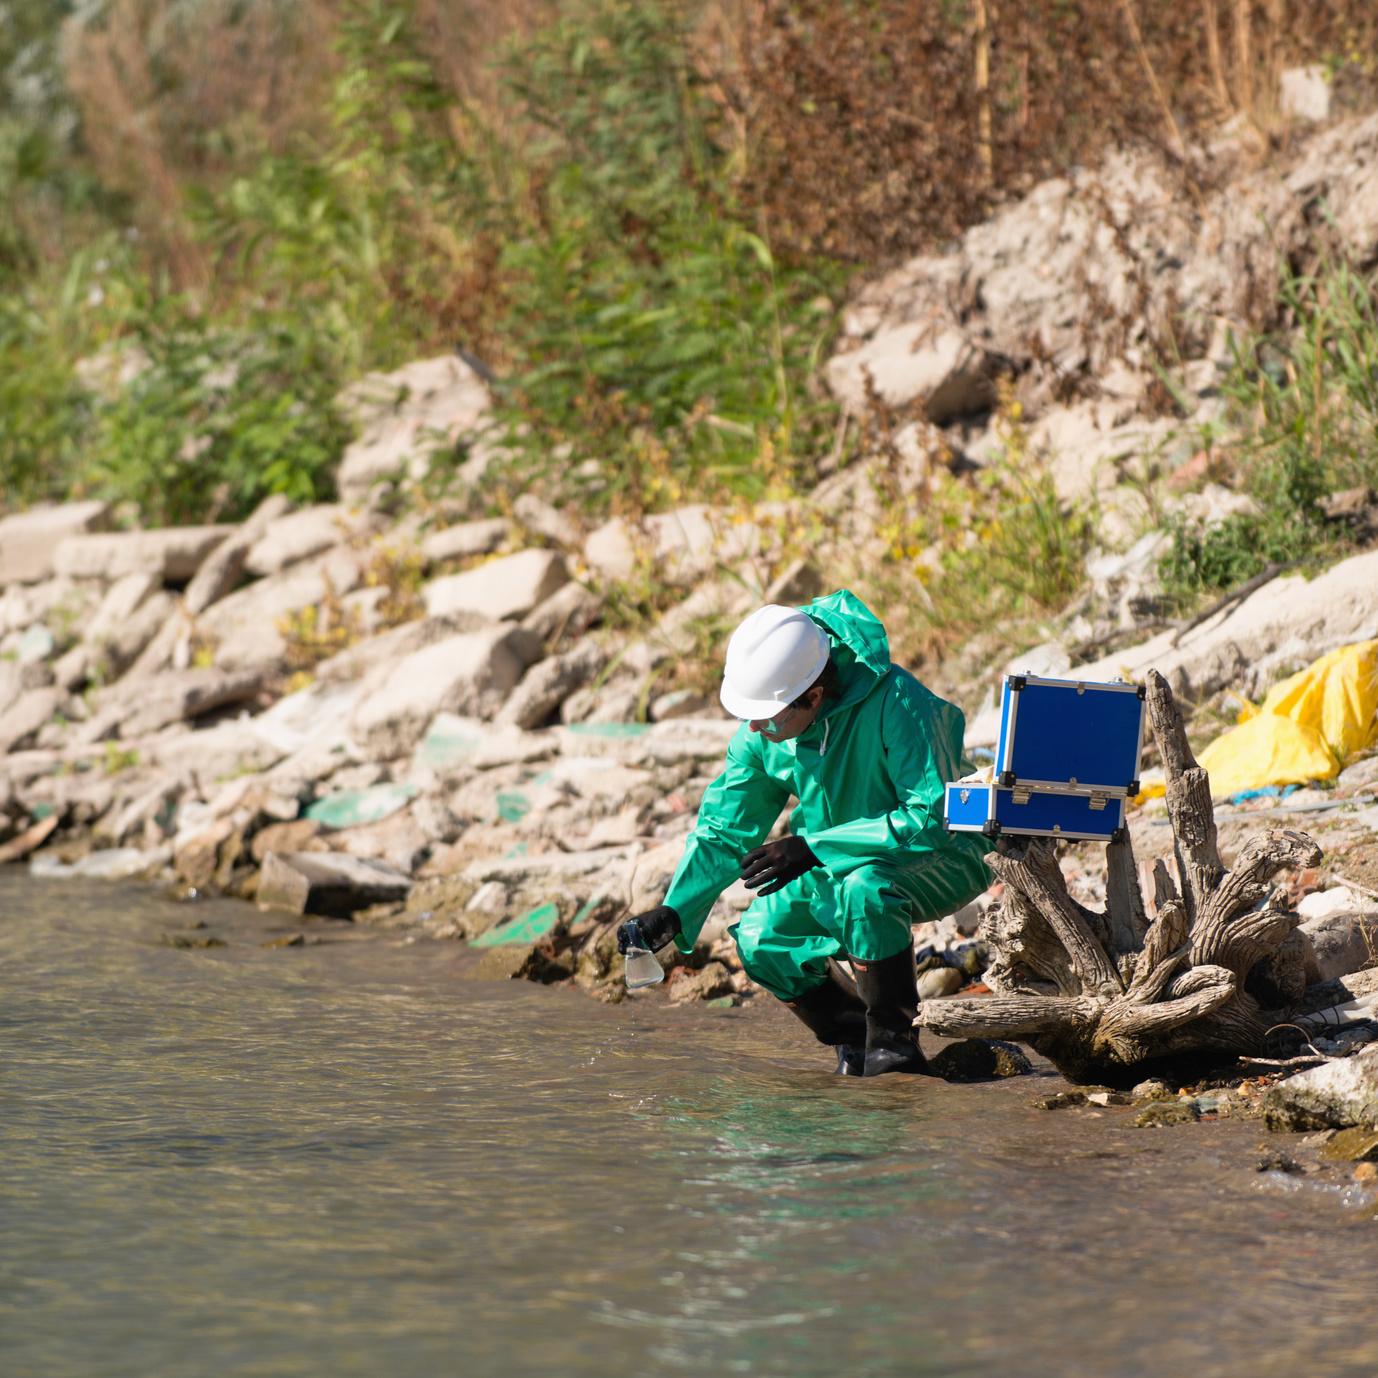 Les bactéries antibiorésistantes dans les effluents